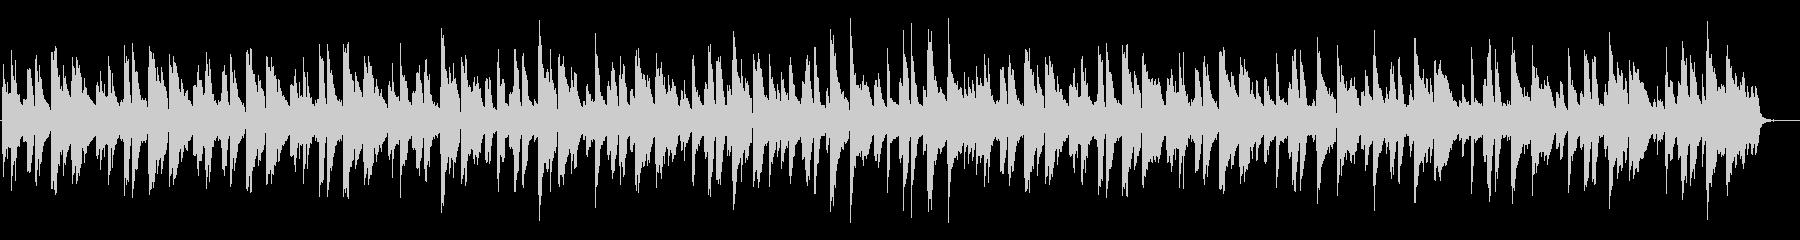 ピアノインスト:ジャジー、おしゃれの未再生の波形